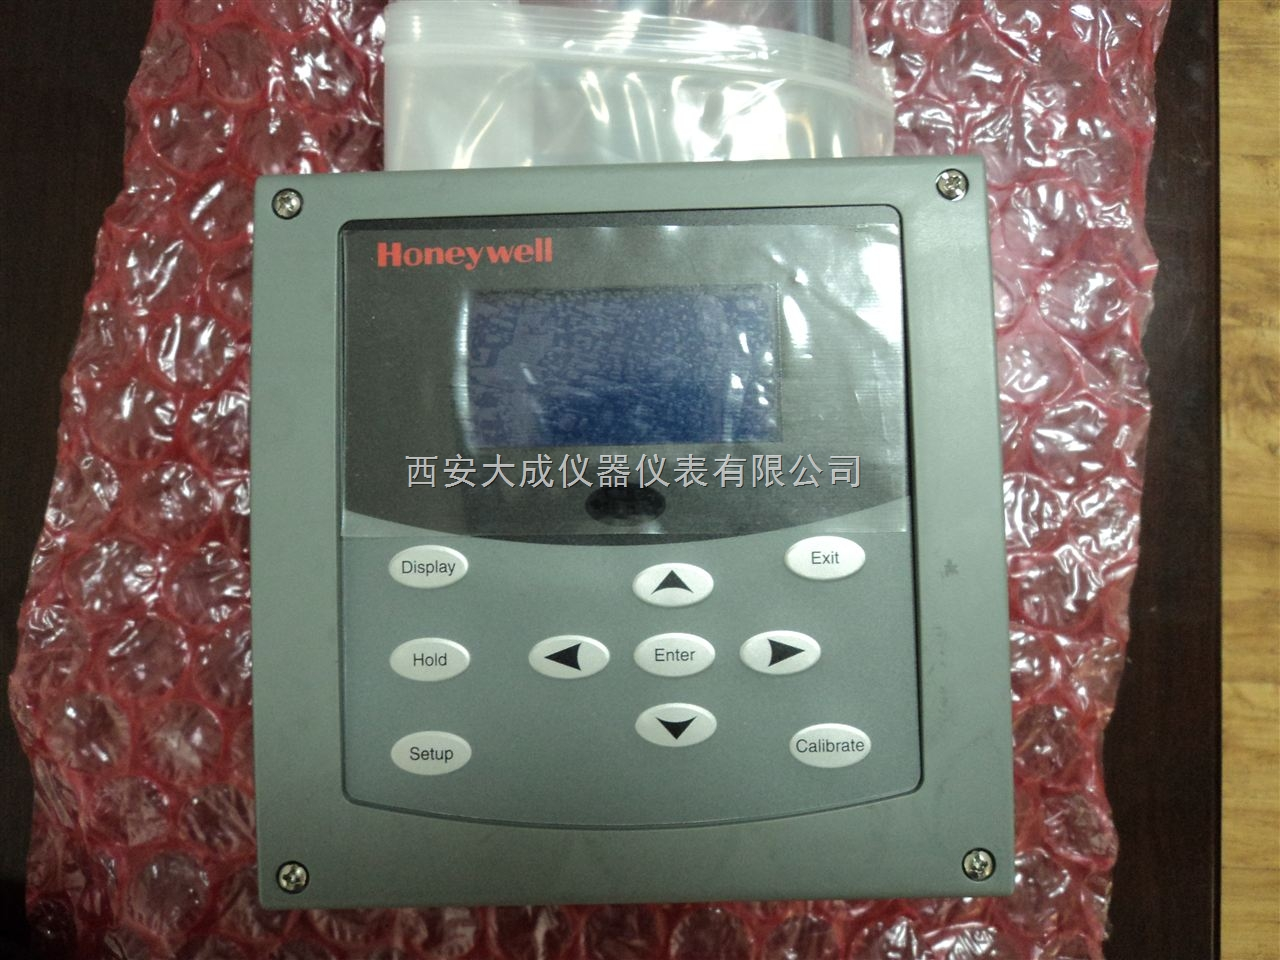 美國honeywell公司儀表耗材及配件